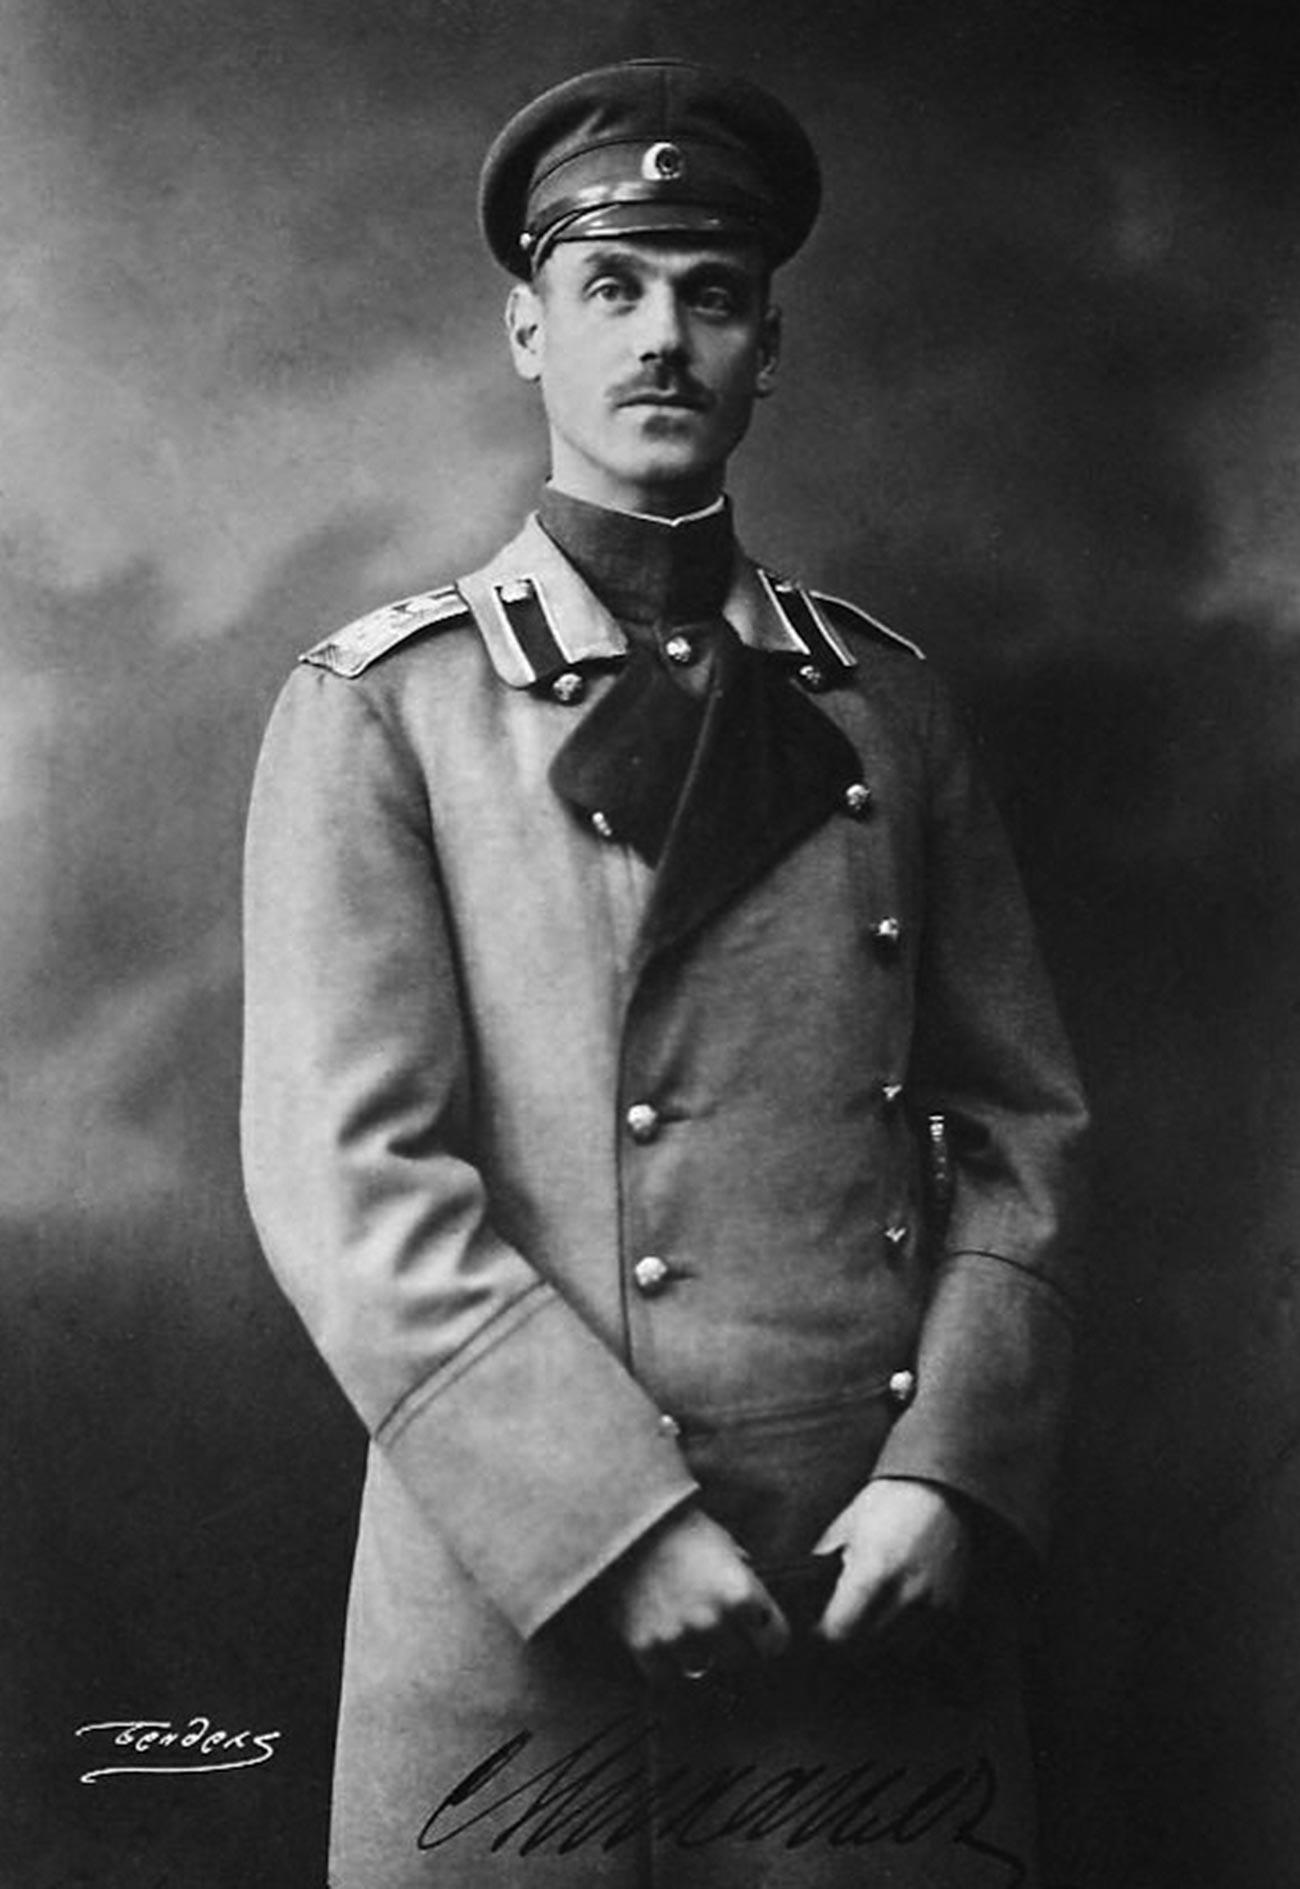 Veliki knez Mihail Aleksandrovič, zapovjednik